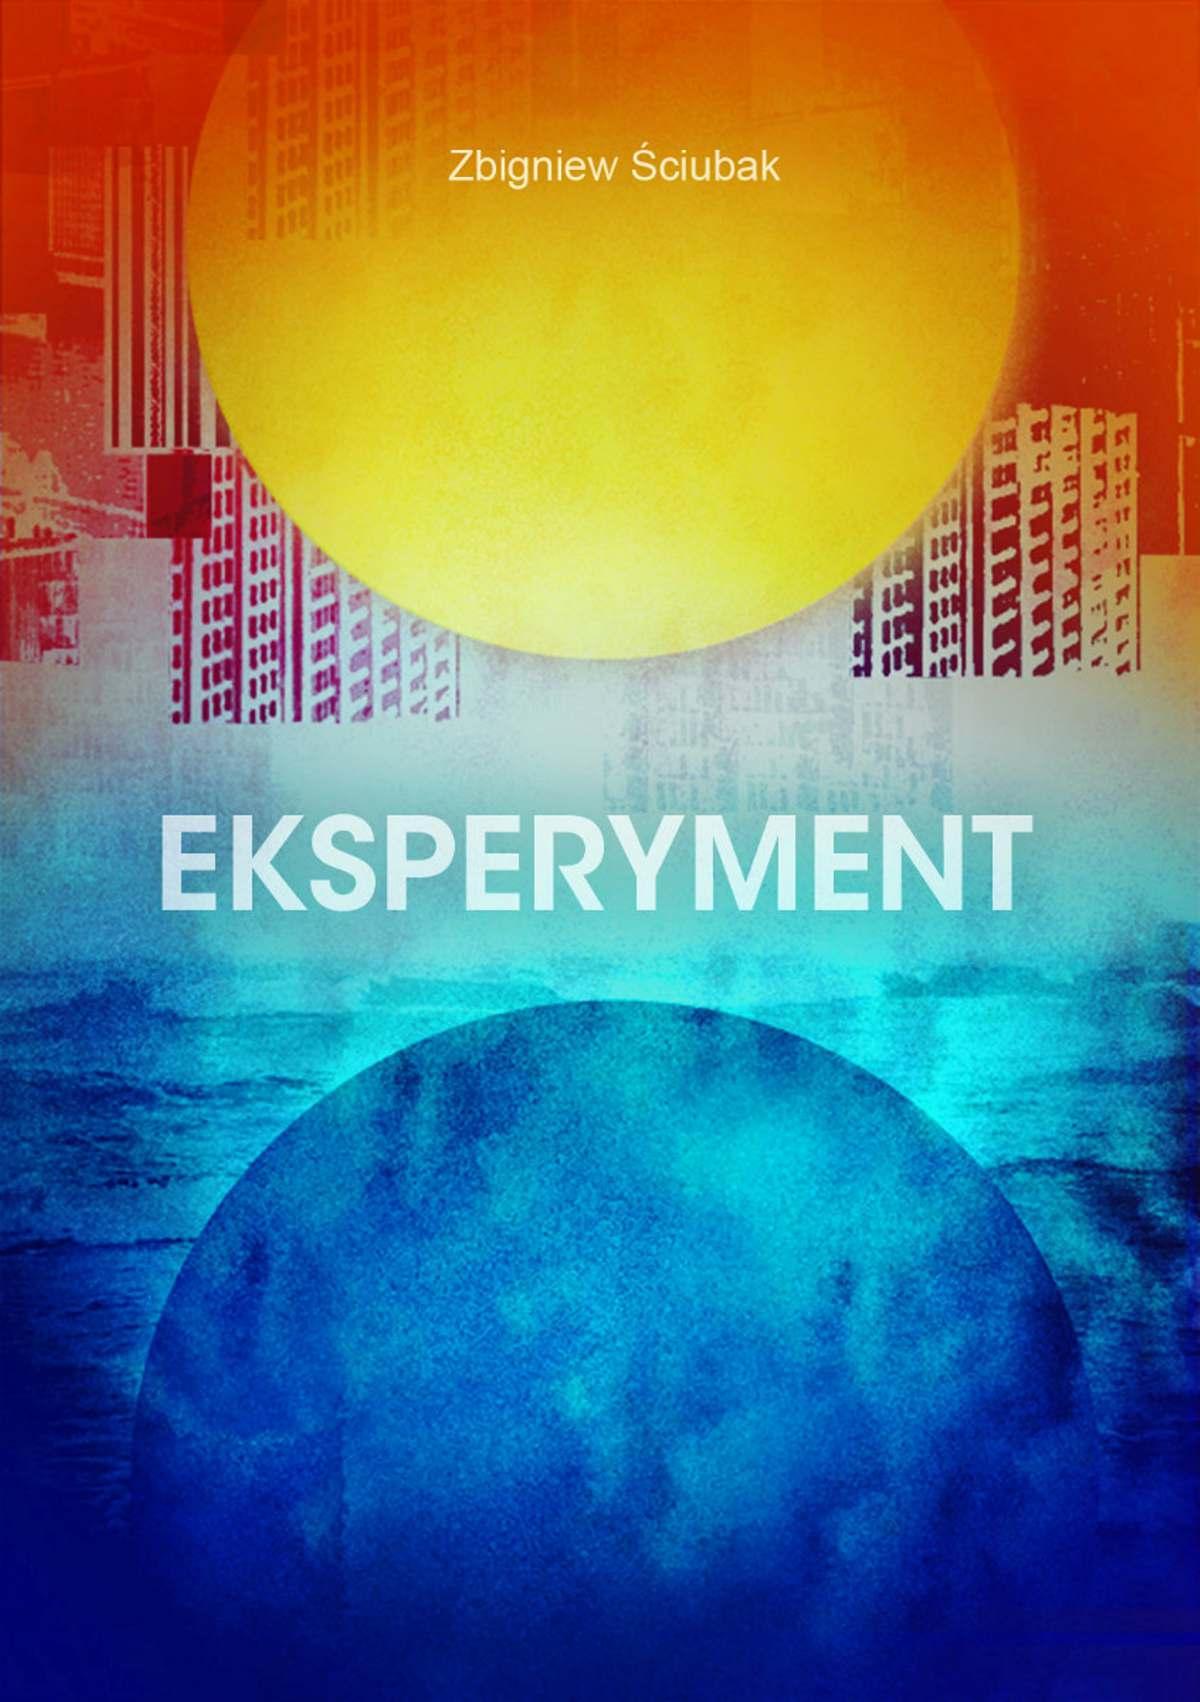 Eksperyment - Ebook (Książka PDF) do pobrania w formacie PDF